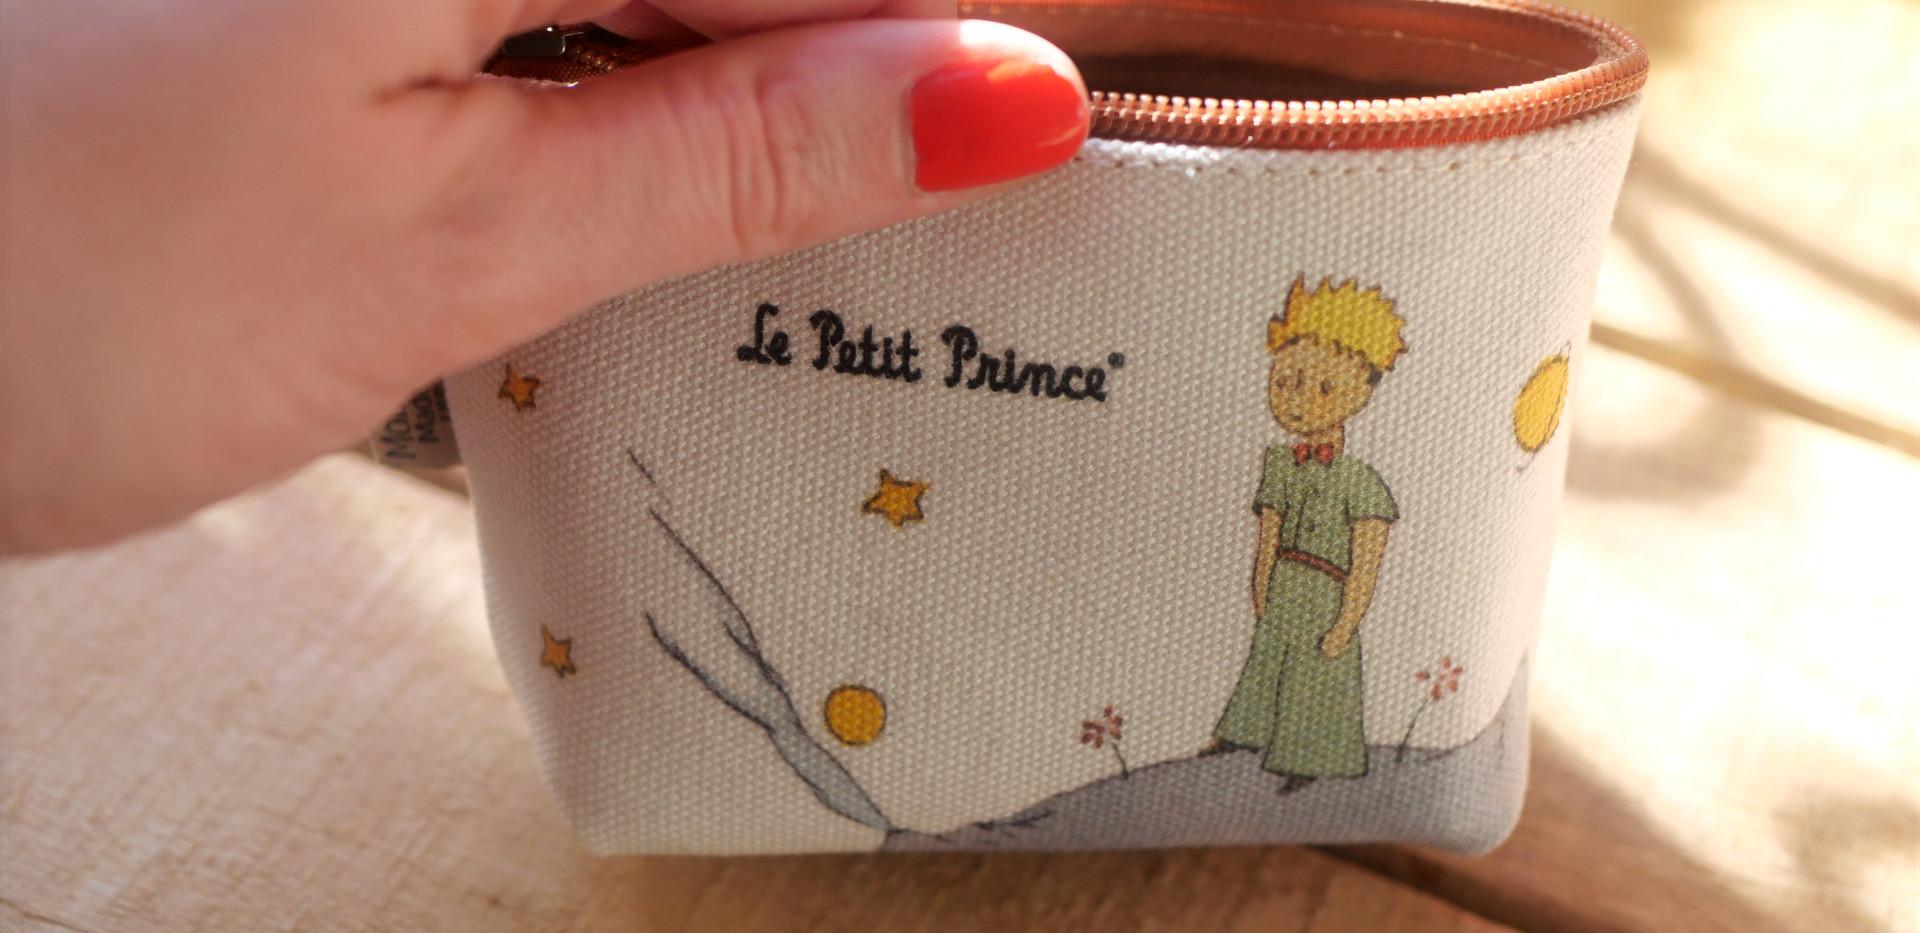 Porte-monnaie Le Petit Prince sur sa planète (ref 419PL)